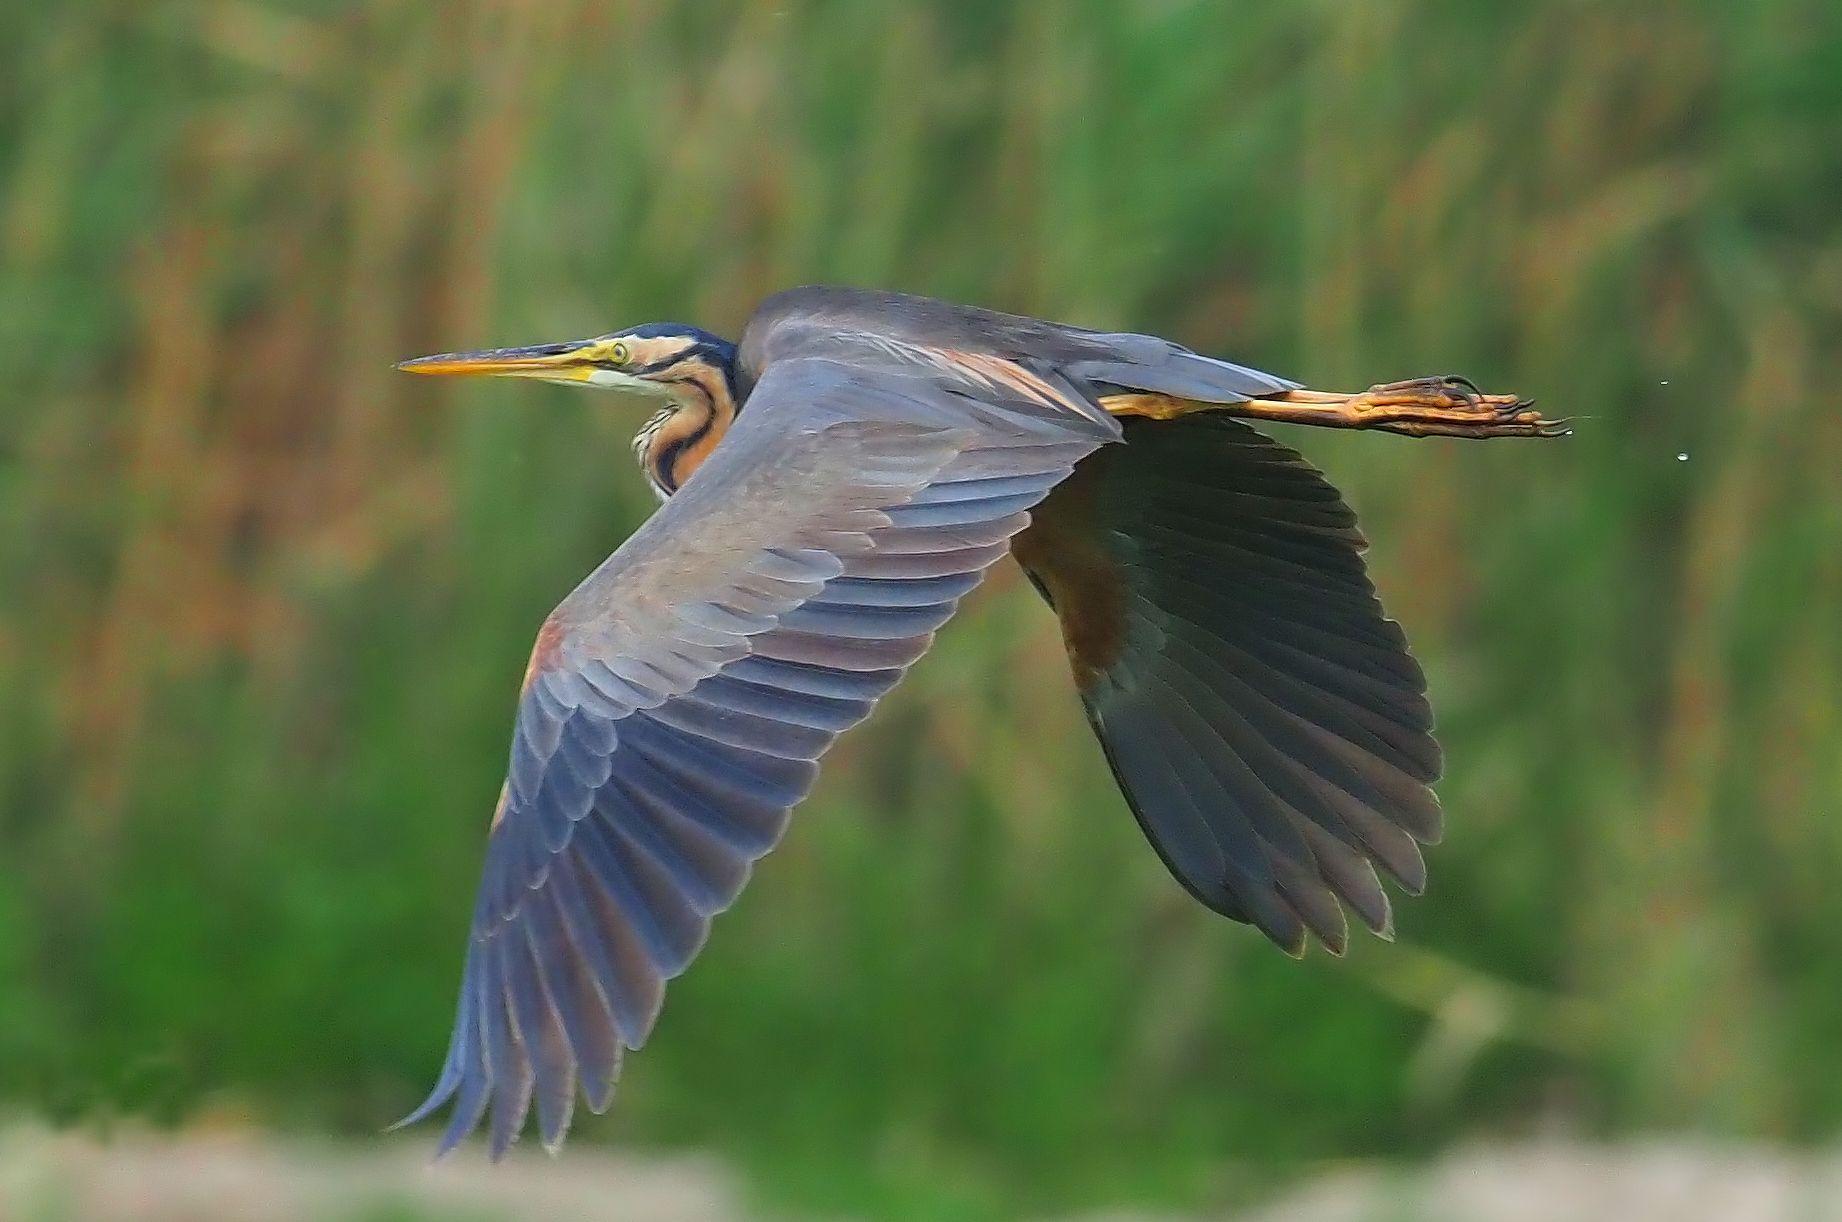 Agró Roig alçant el vol Parc Natural del Delta del Ebre#Ramon Cami Caldés 18